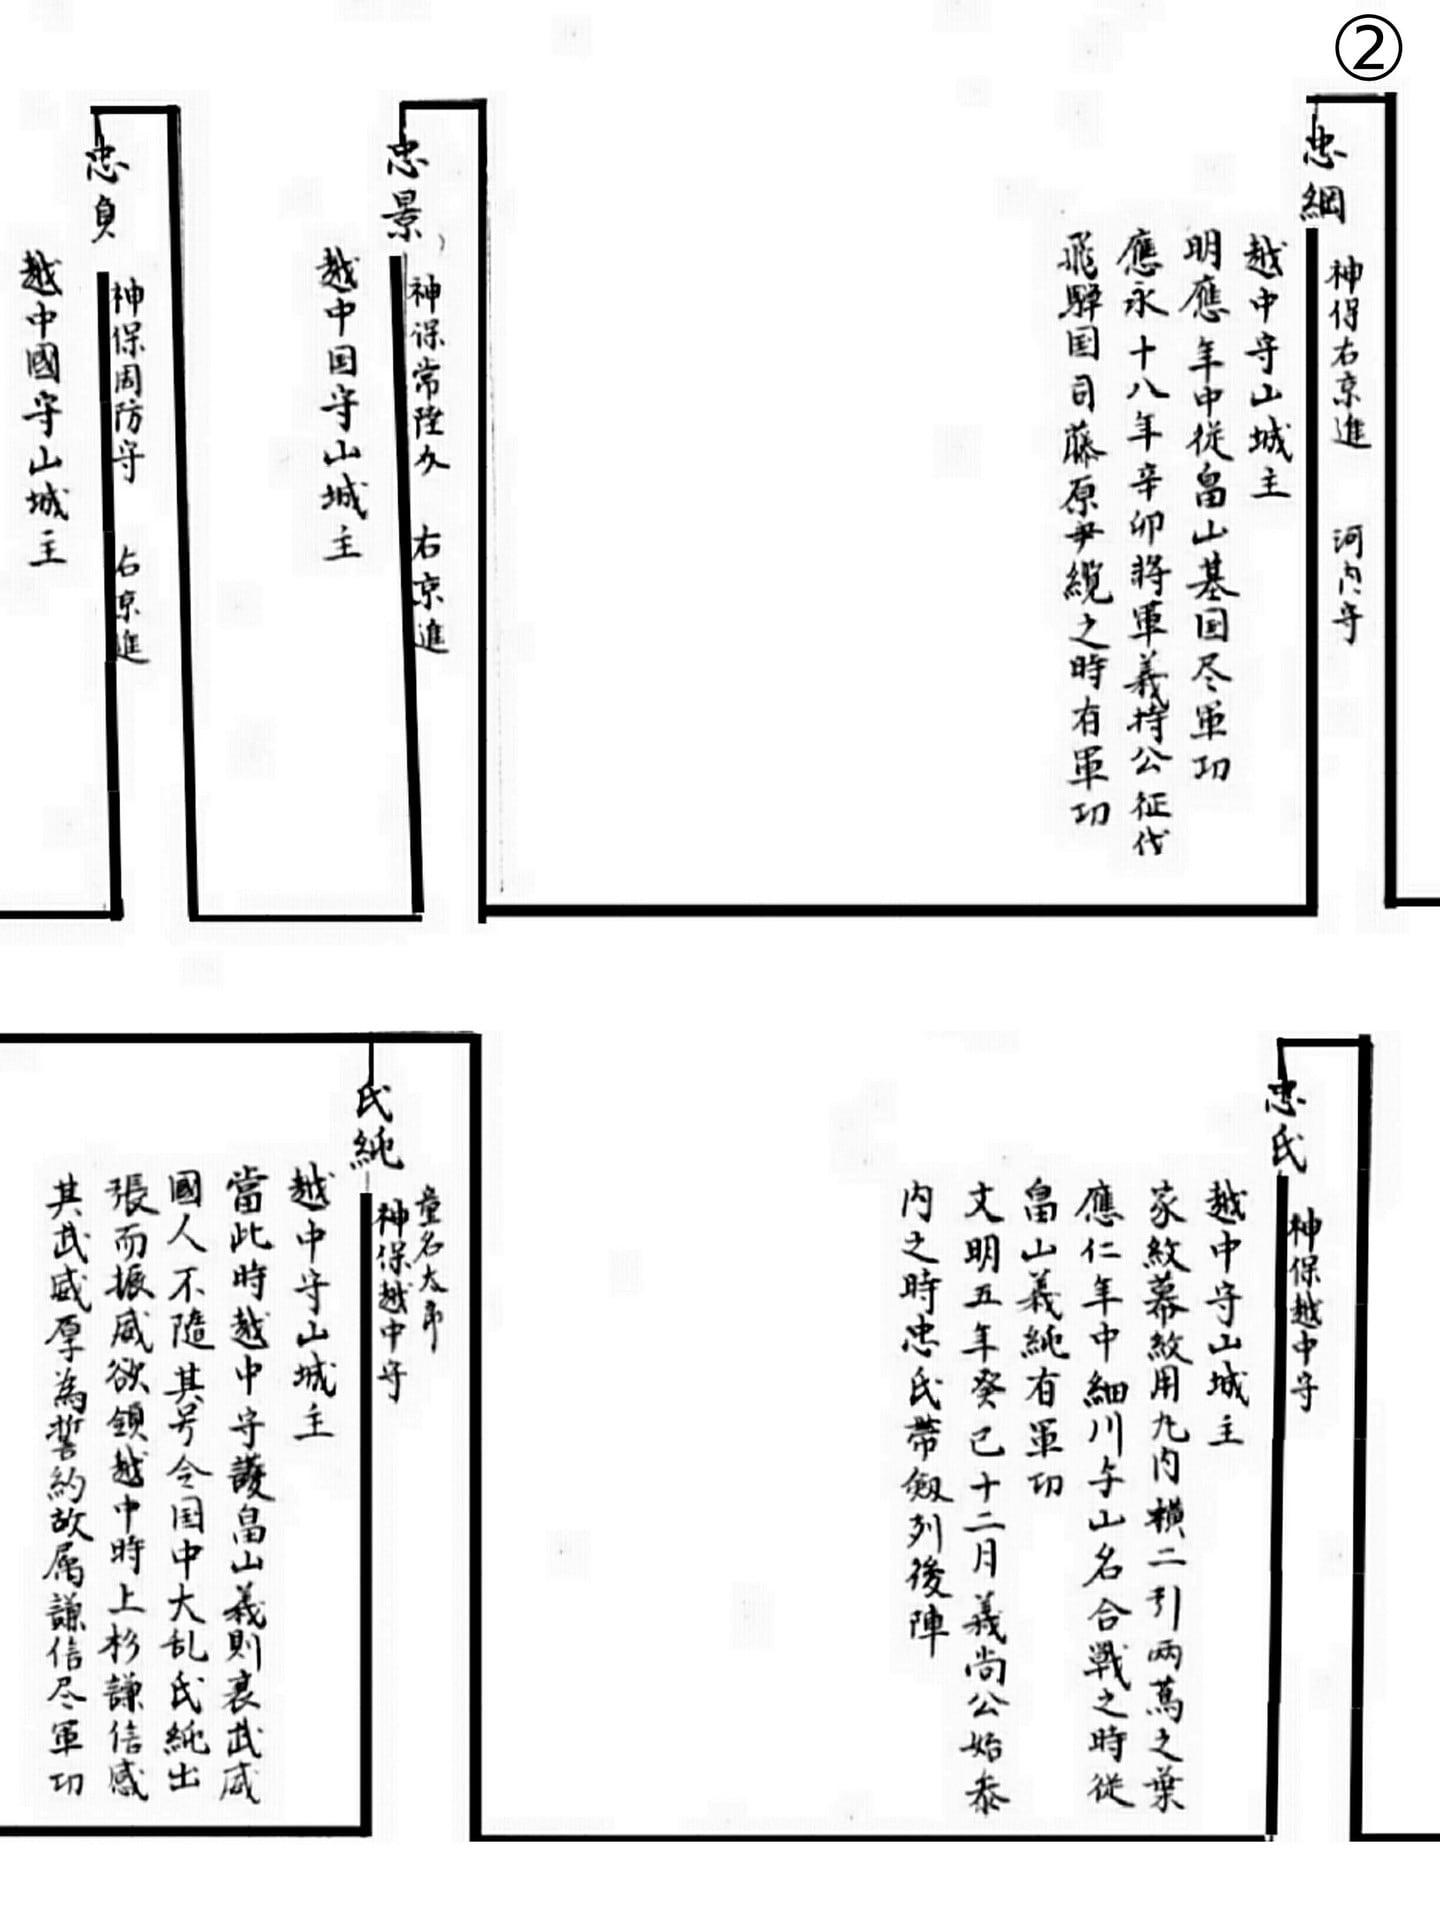 赤丸米のふるさとから 越中のささやき ぬぬぬ!!!